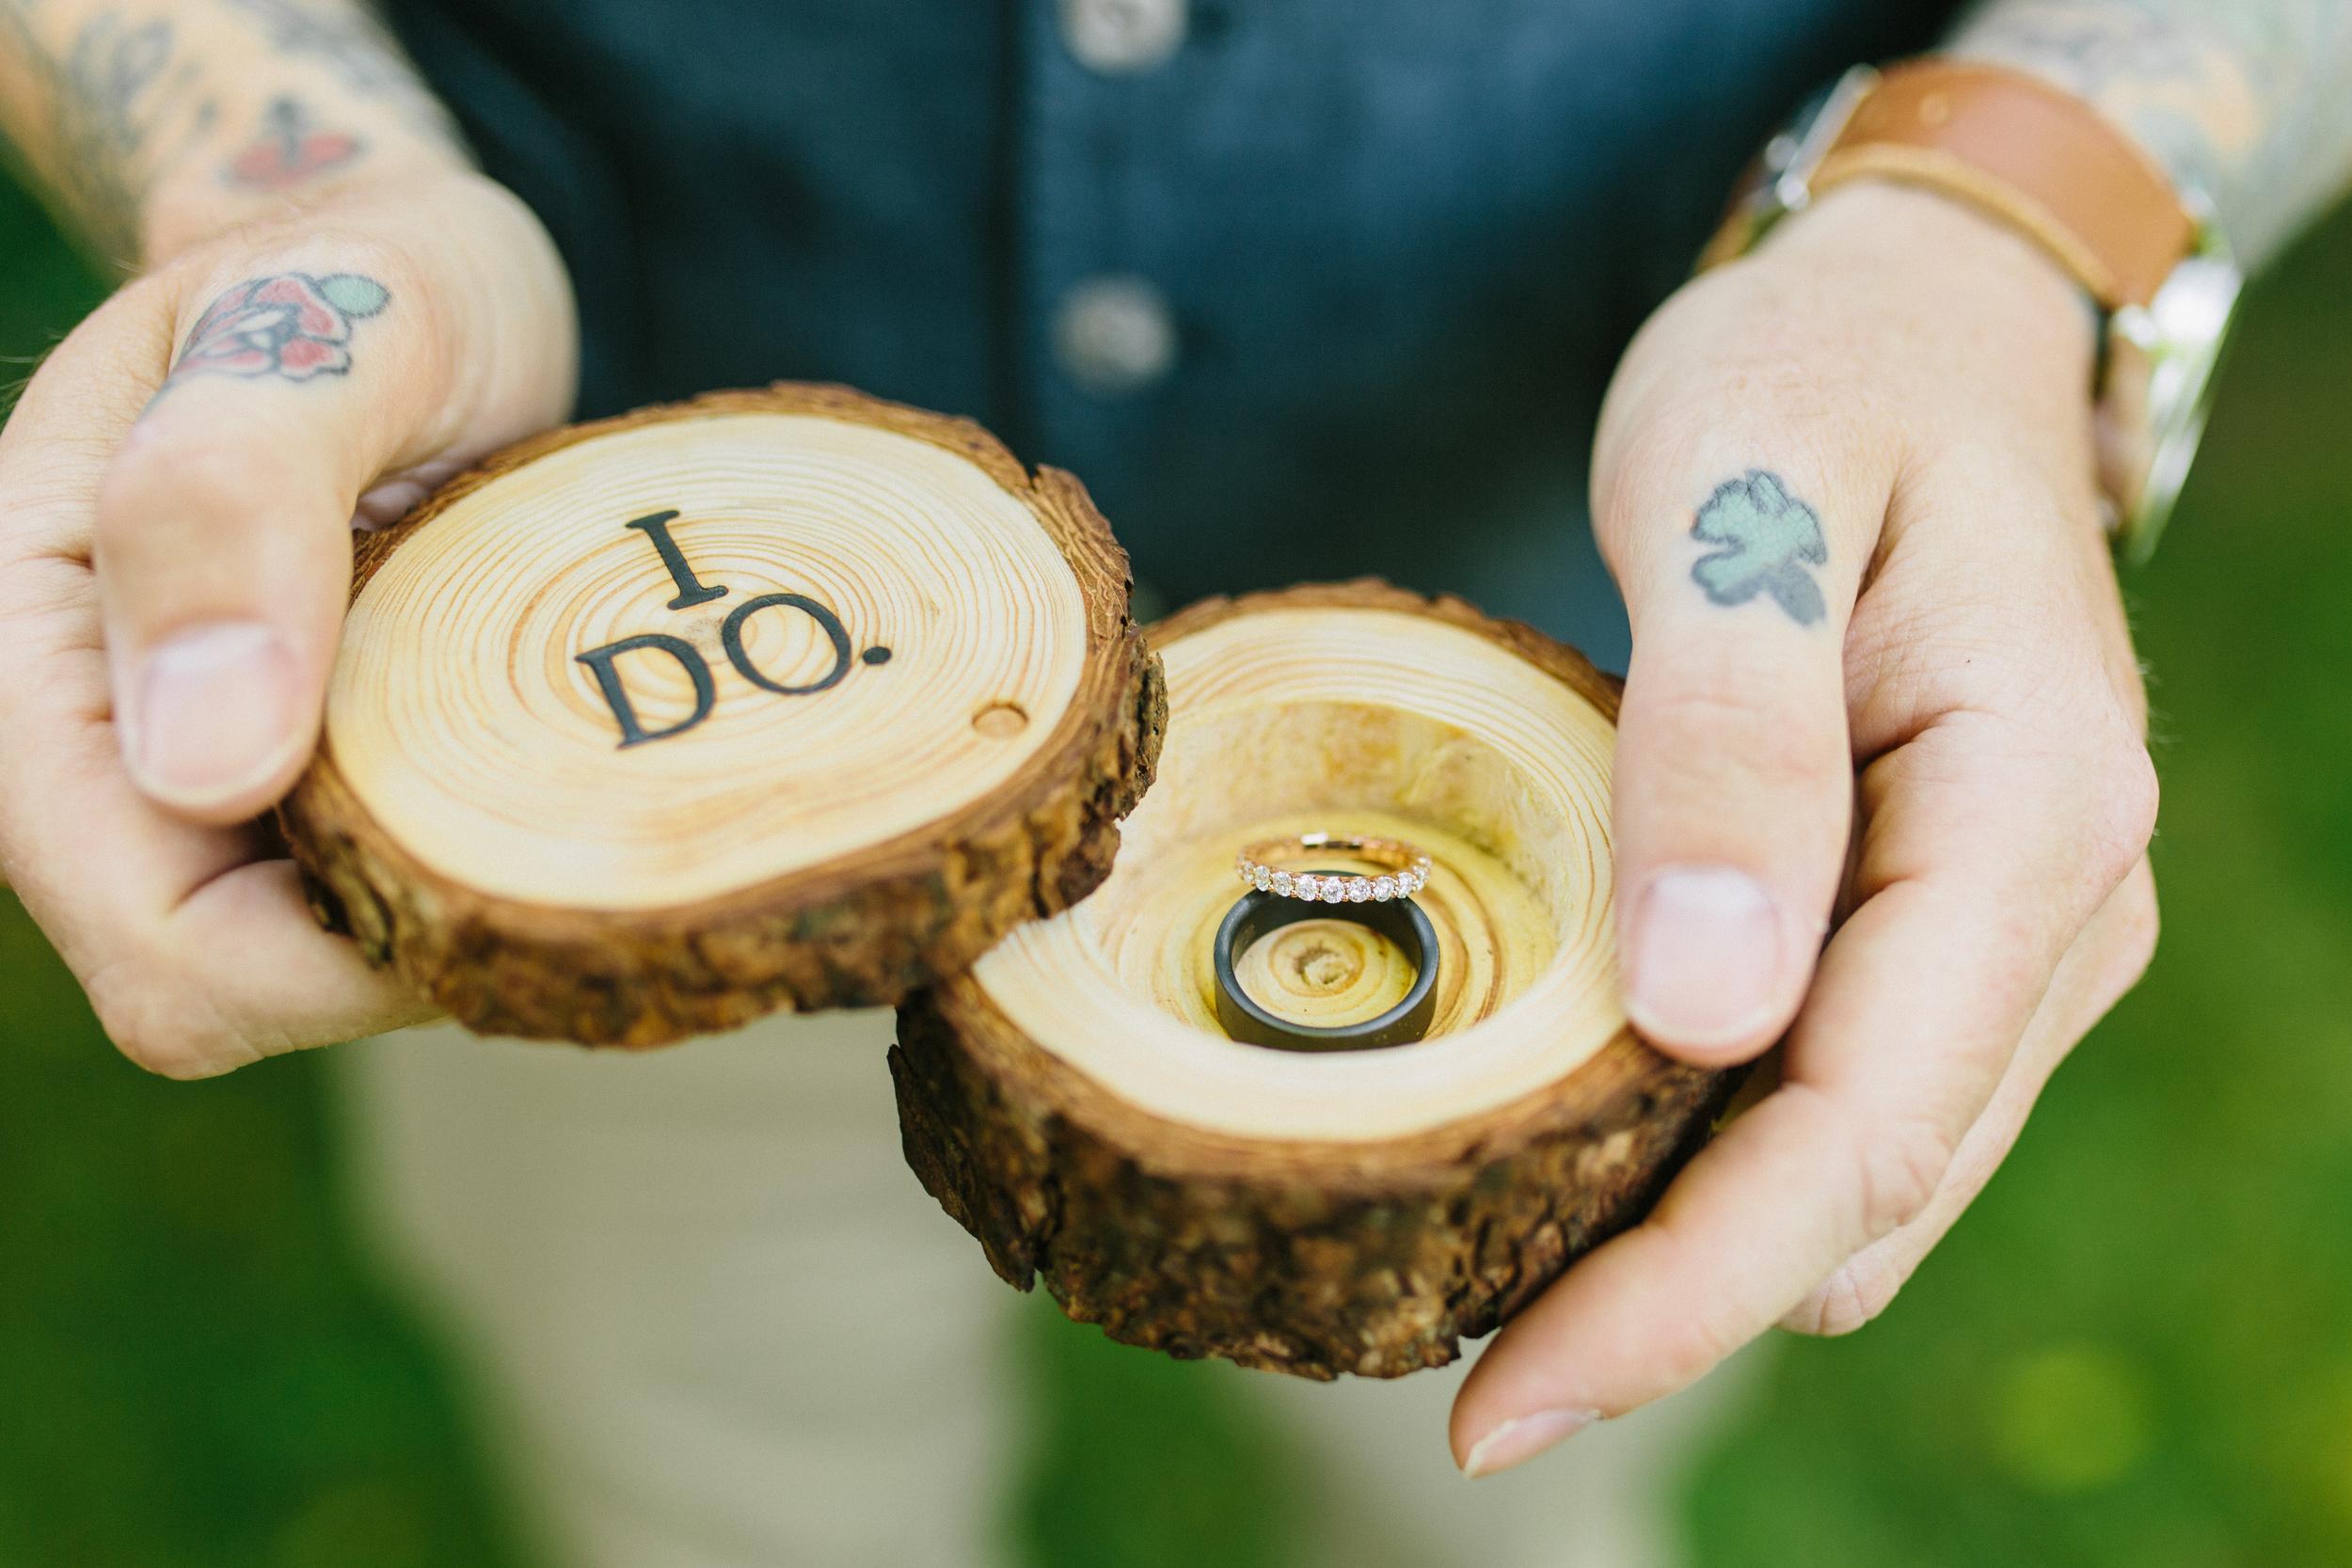 michael-rousseau-photography-shannae-ingleton-wedding-sean-craigleith-ski-club-wedding016.jpg